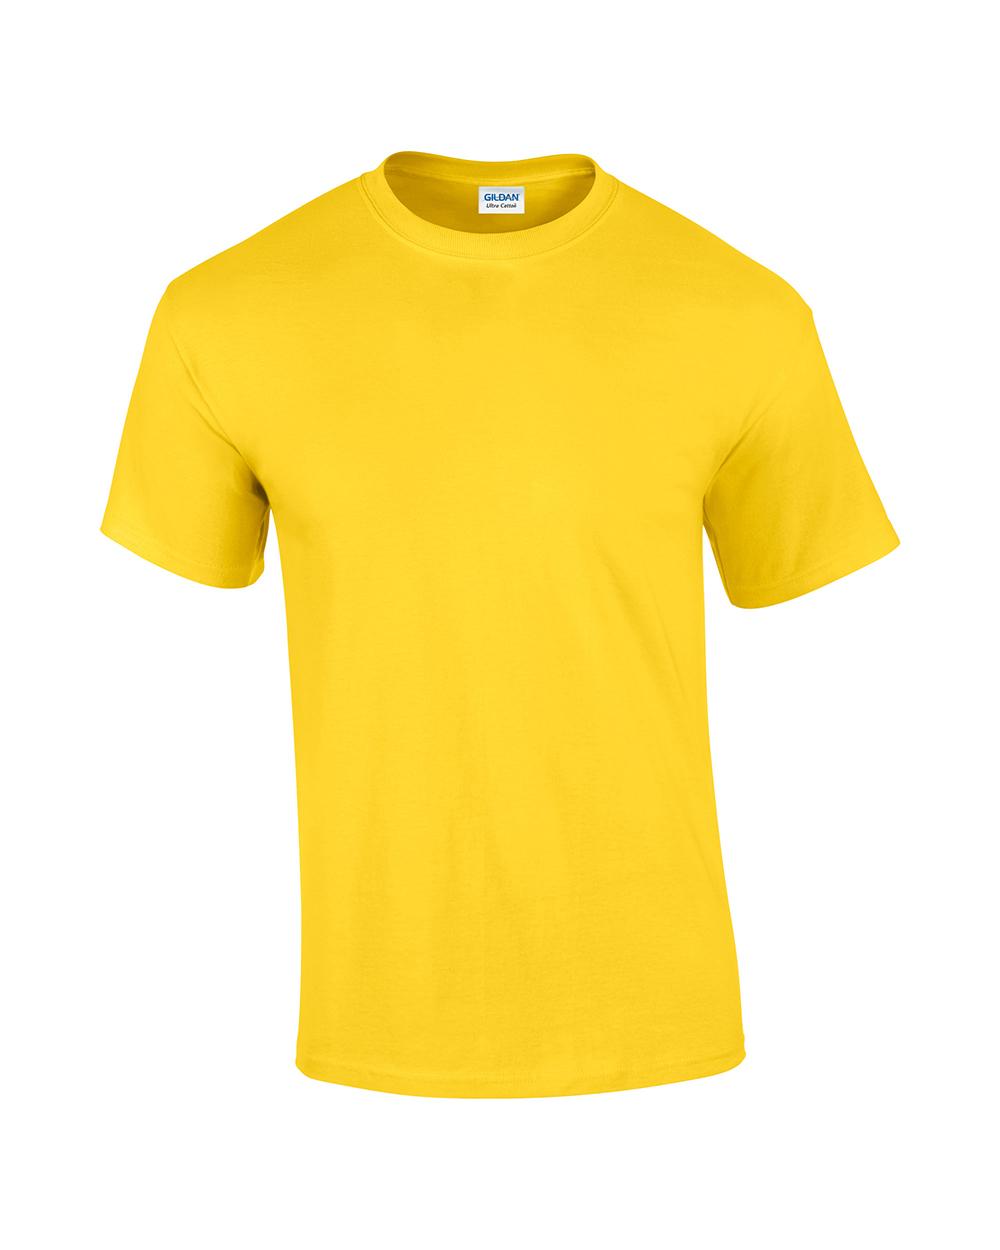 Gd002 Gildan Ultra Cotton T Shirt Sizes Sml Xxl